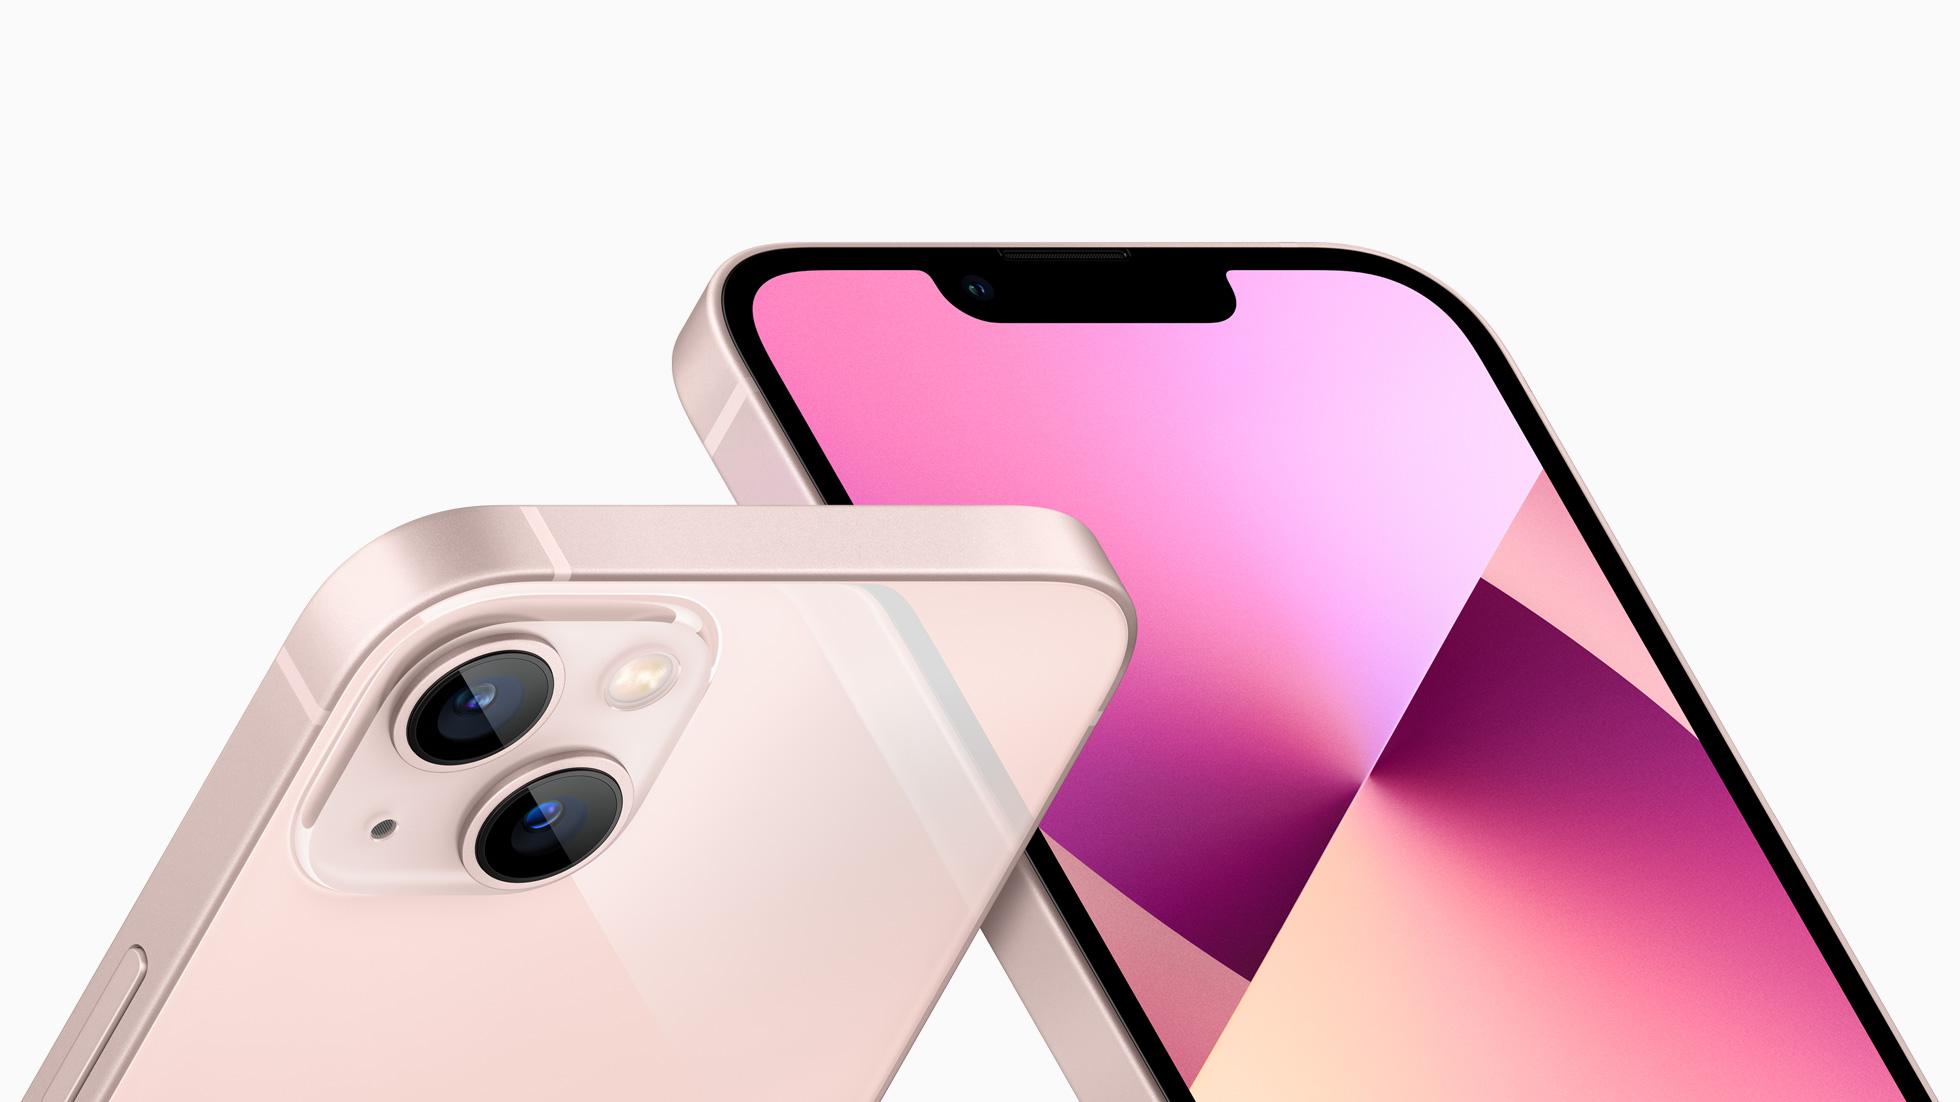 Apple_iphone13_design_09142021